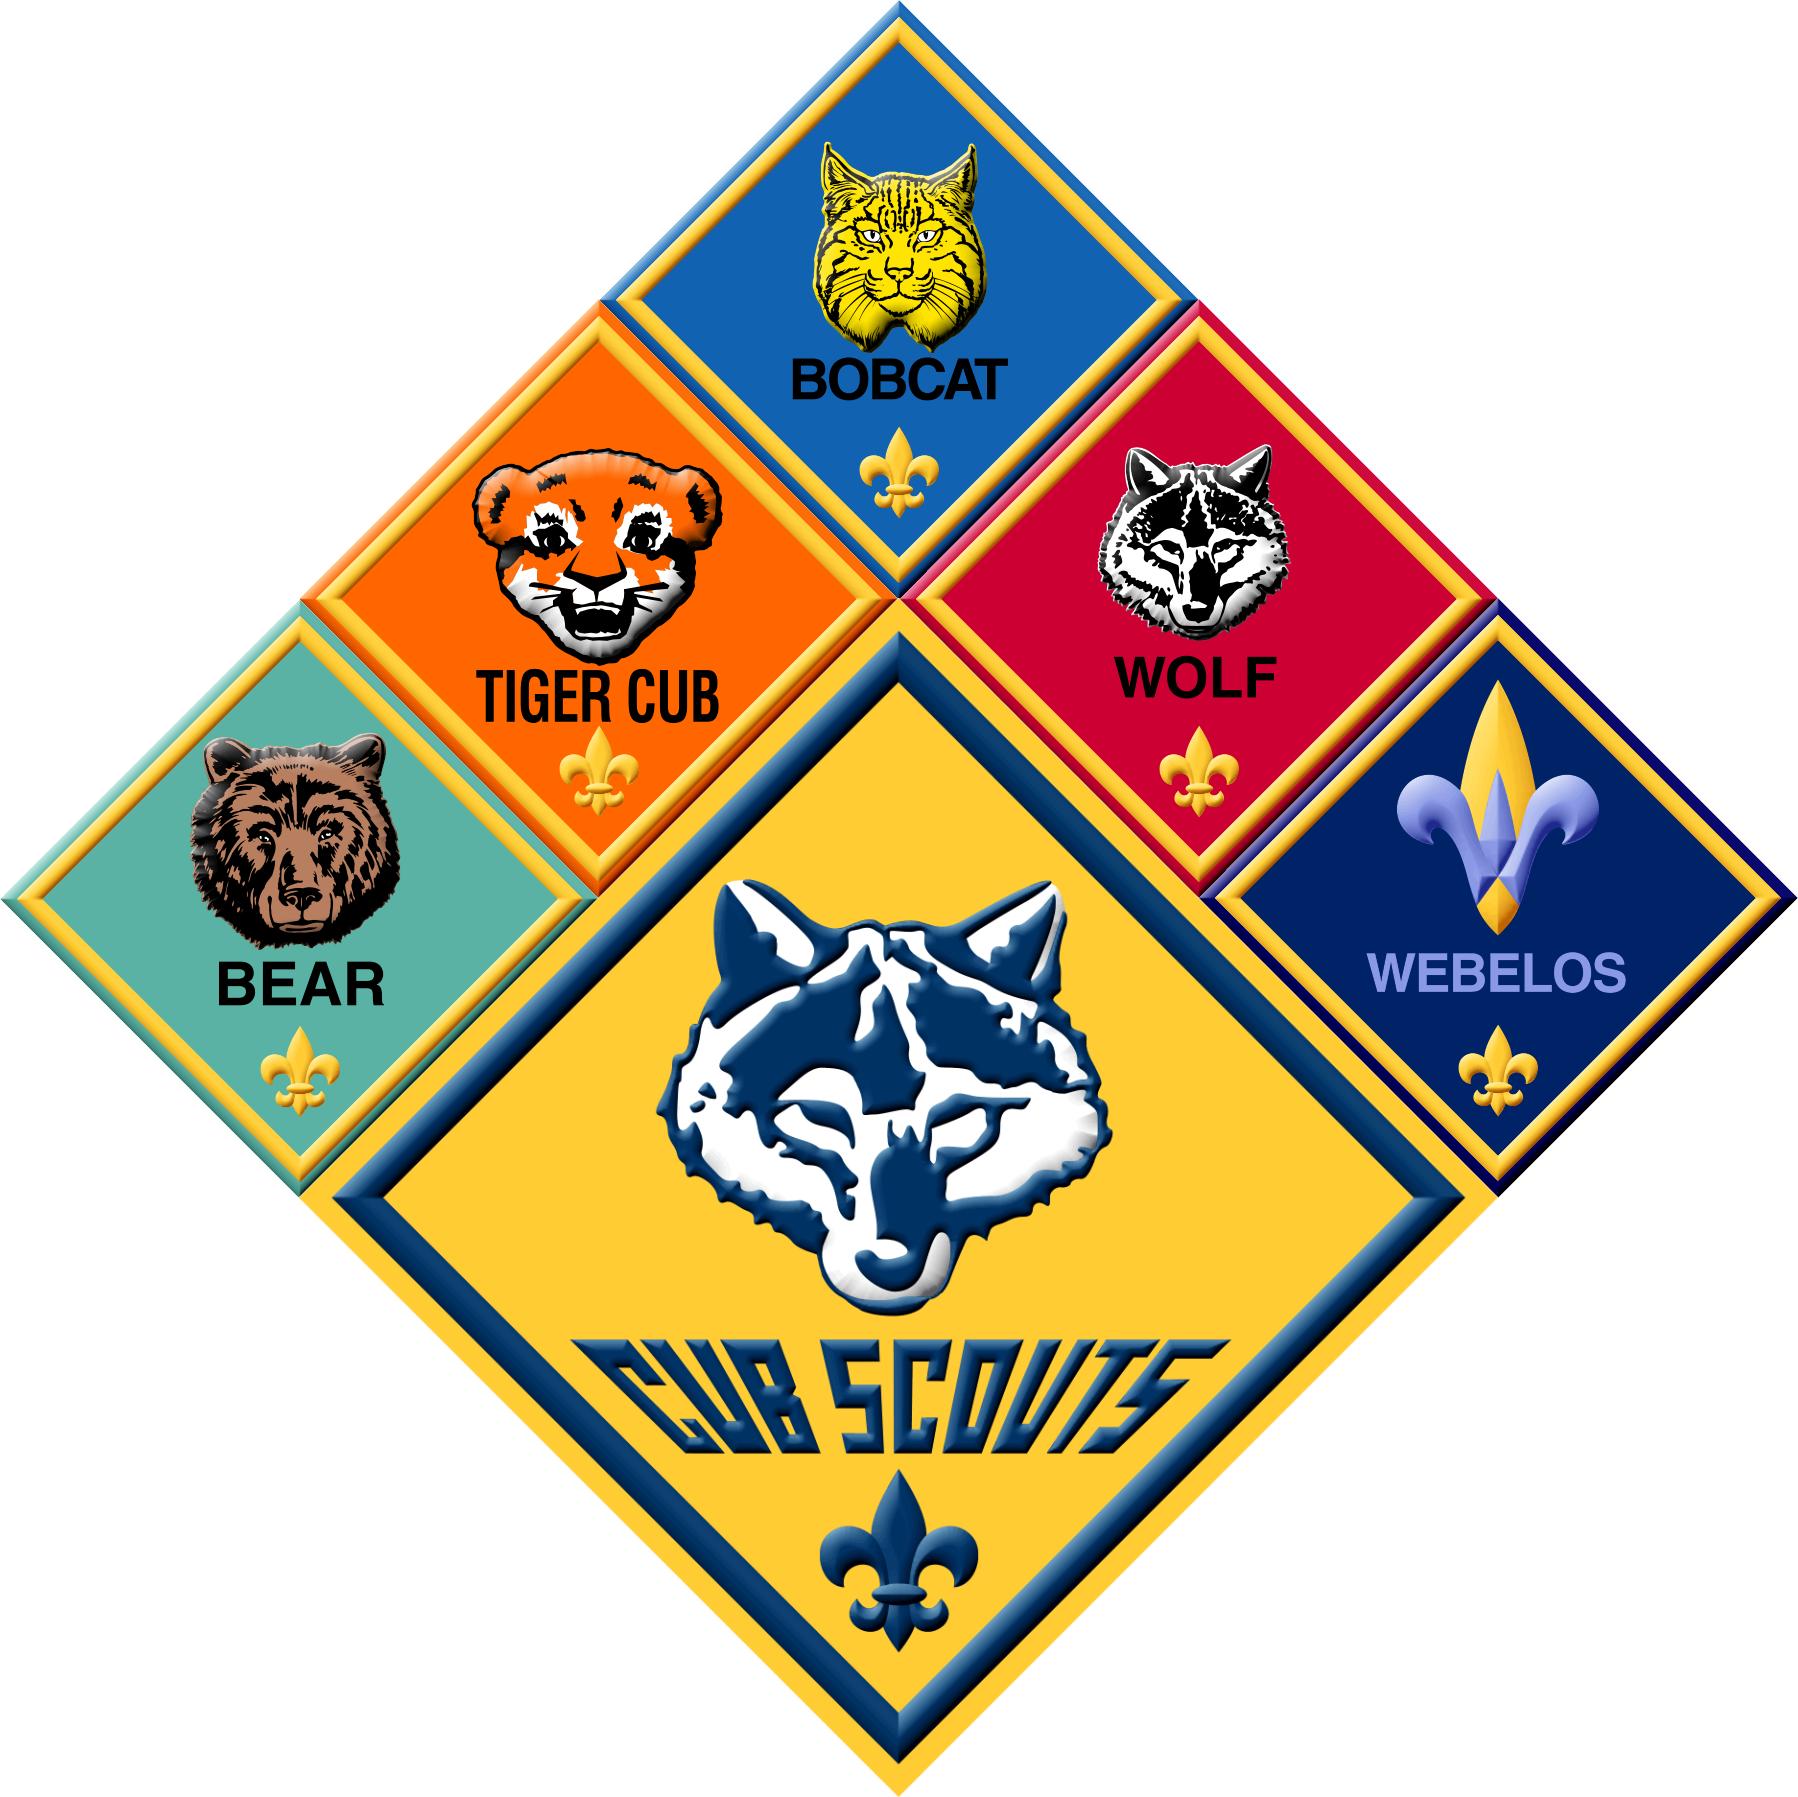 Clovis Pack 59 Cub Scouts Cub Scout Corn-Clovis Pack 59 Cub Scouts Cub Scout Corner-9